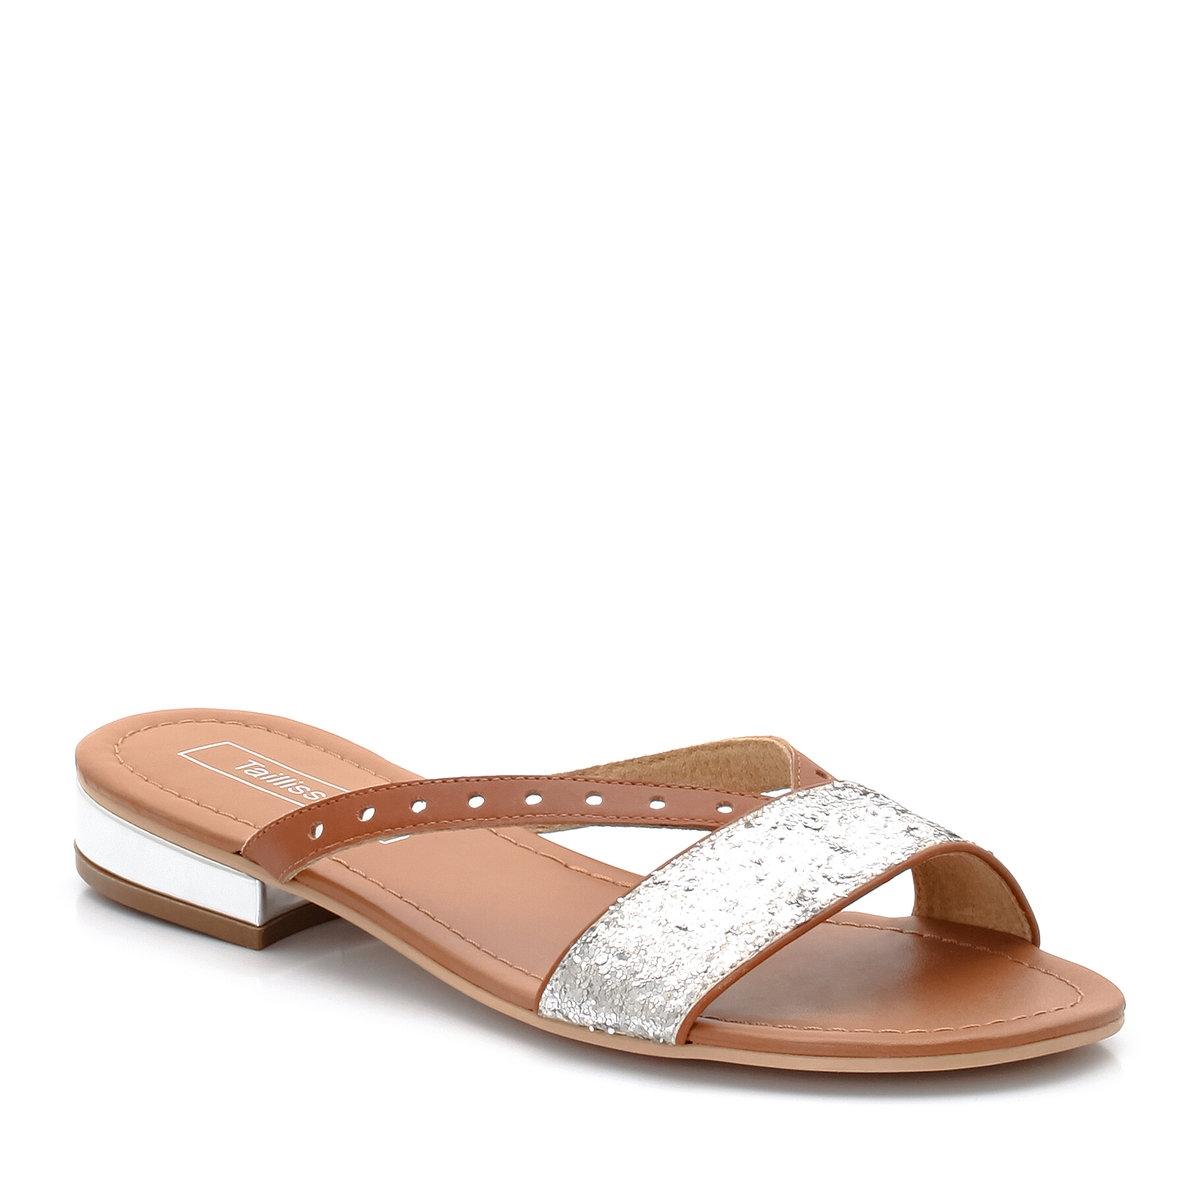 Шлепанцы кожаныеСтильная деталь: маленький металлизированный каблук и блестки<br><br>Цвет: серебристый<br>Размер: 40